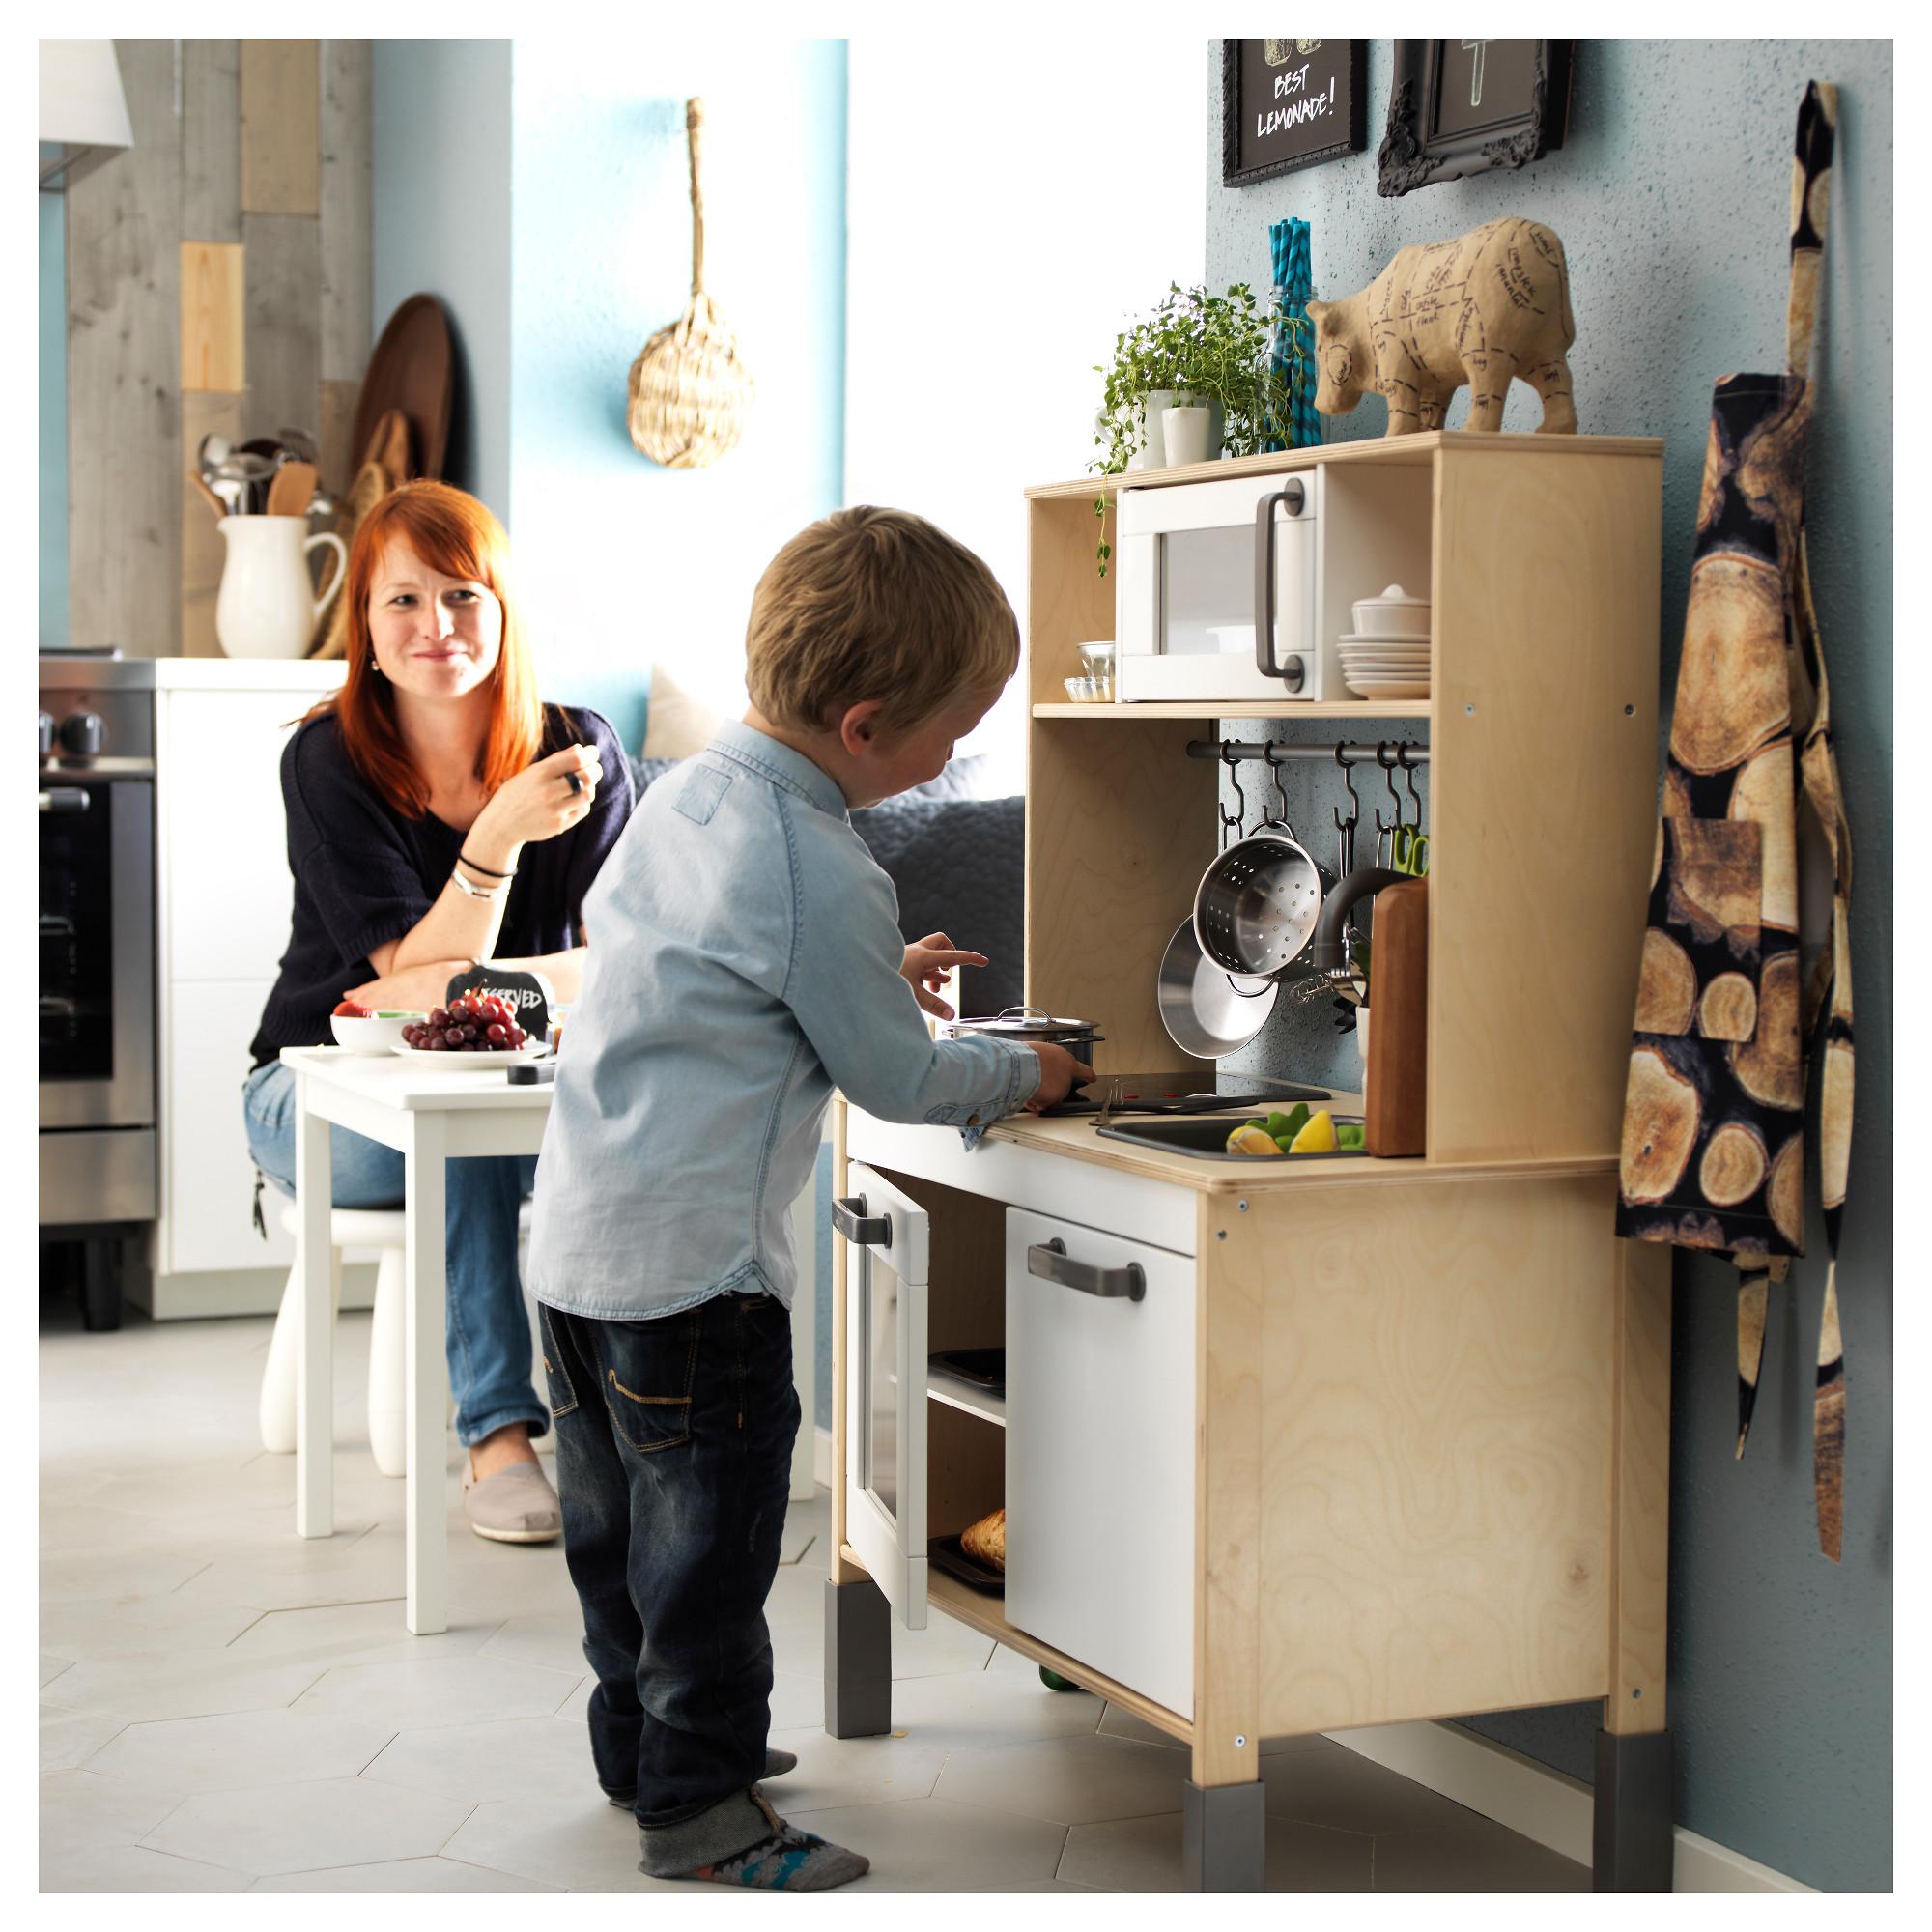 childrens toy kitchen ikea